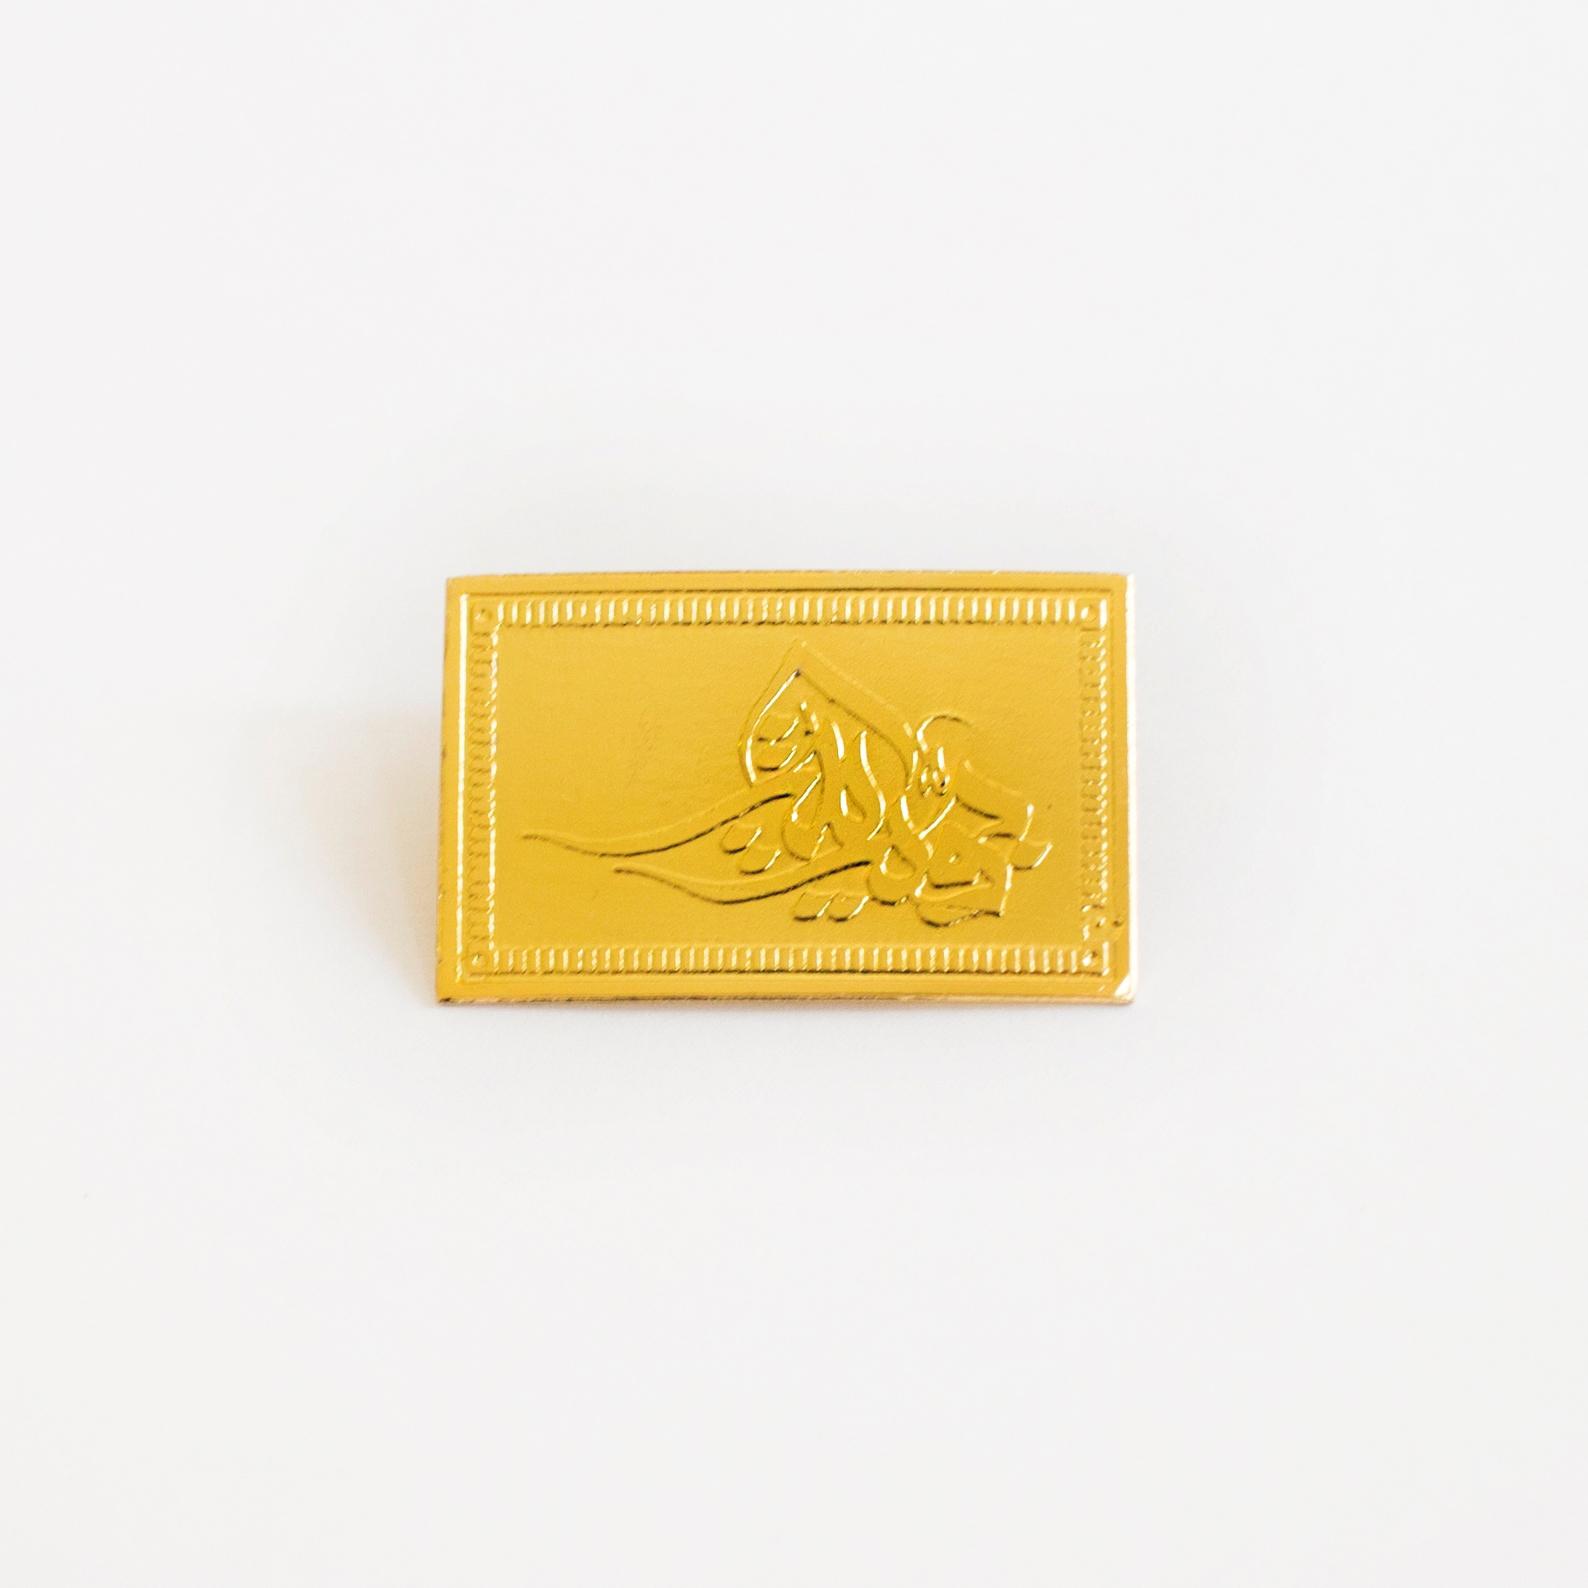 تصویر از بج سینه ساده مستطیل طرح «بقیة الله» برنجی با چاپ اسیدشویی و رنگ طلایی